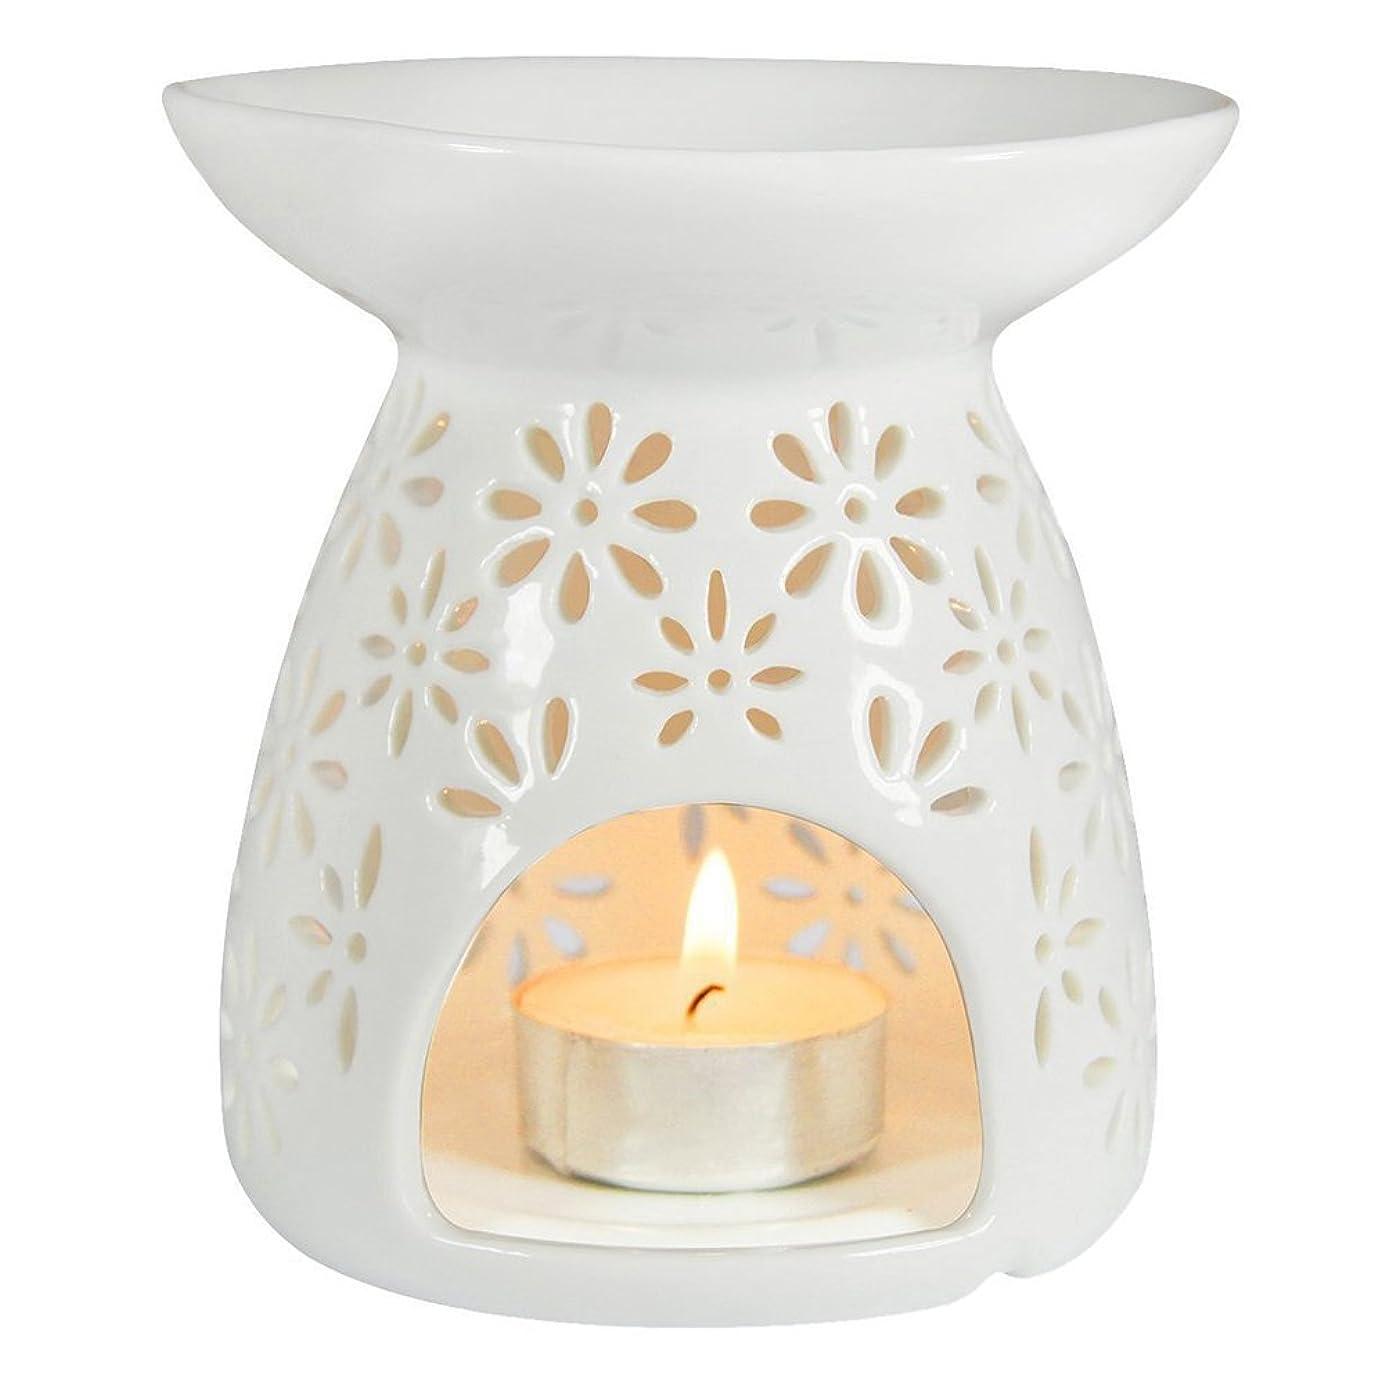 契約する該当する難破船(White) - ToiM Vase Shaped Milk White Ceramic Hollowing Floral Aroma Lamp Candle Warmers Fragrance Warmer Oil Diffuser Essential Oil Lamp Aromatherapy Furnace Ceramic Incense Burner Wax Melt Warmer (White)